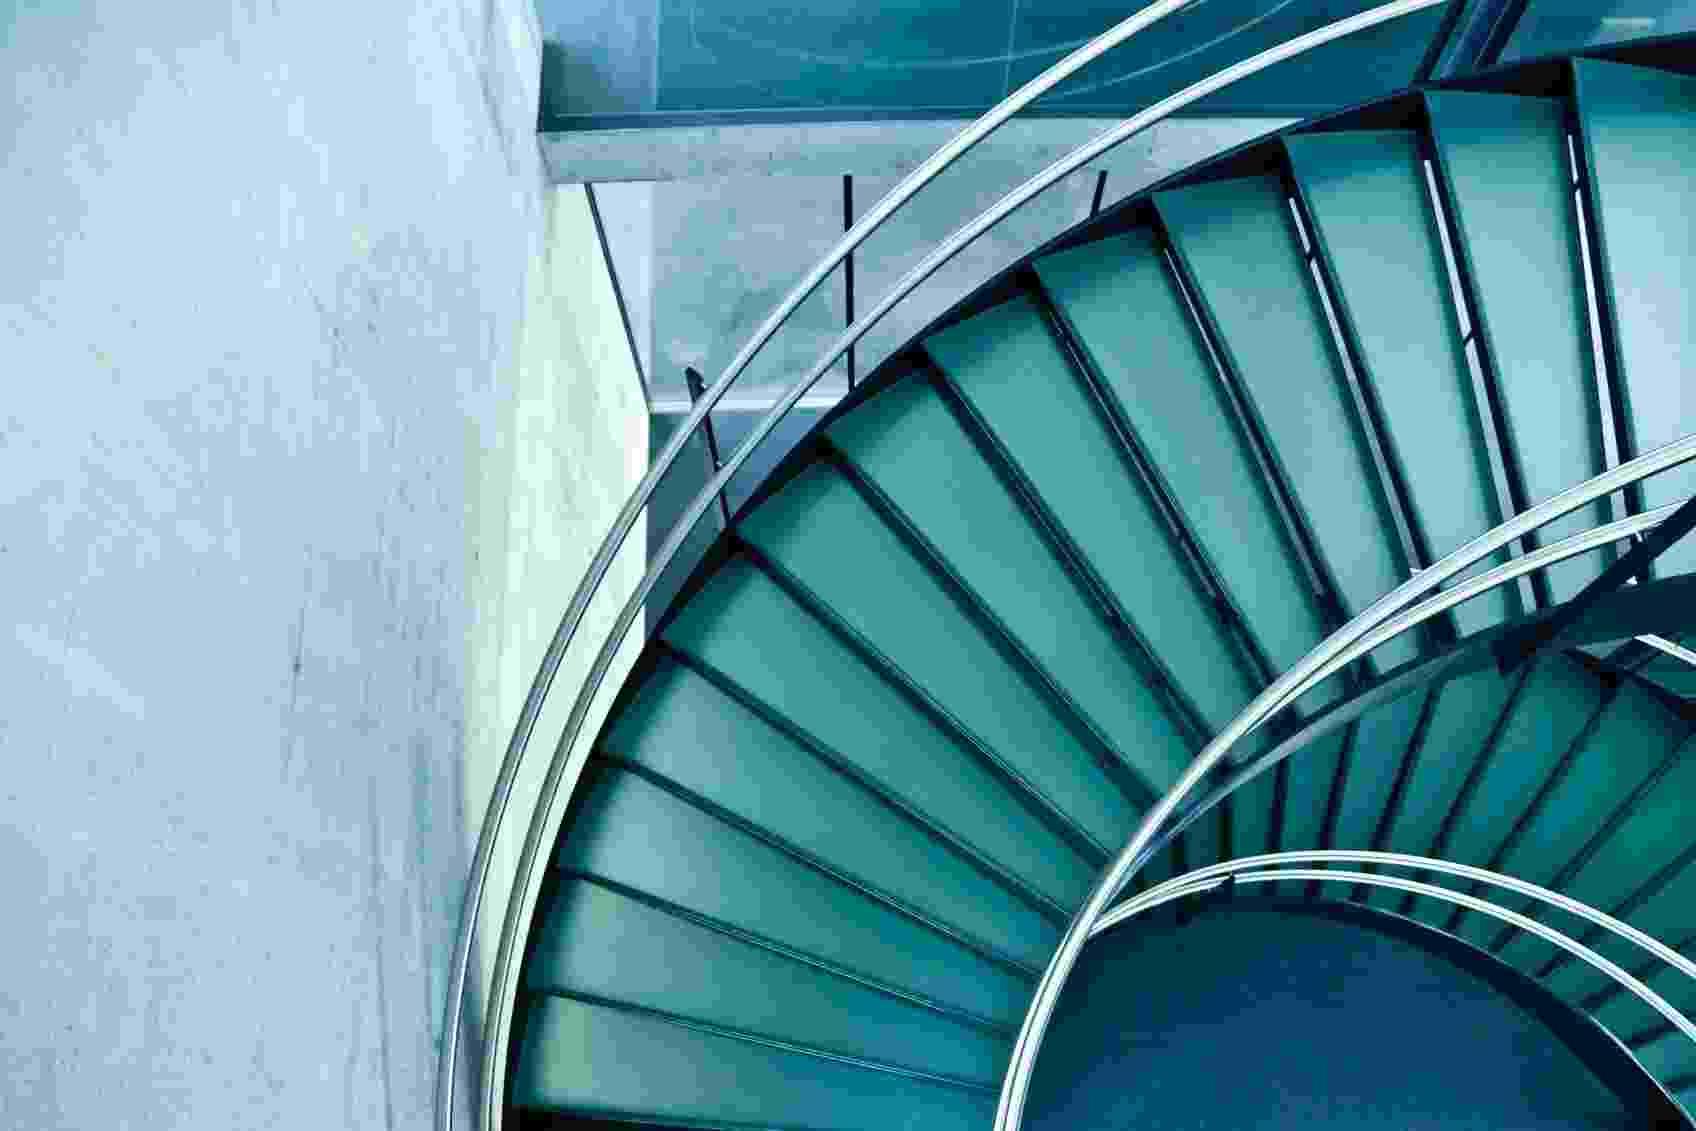 A modernidade rege esta escada em espiral, que liga os pavimentos da construção em vidro e concreto. O corrimão em aço inox e os vãos entre os degraus dão leveza à estrutura que pode ser usada, em menor escala, em uma residência contemporânea - Getty Images